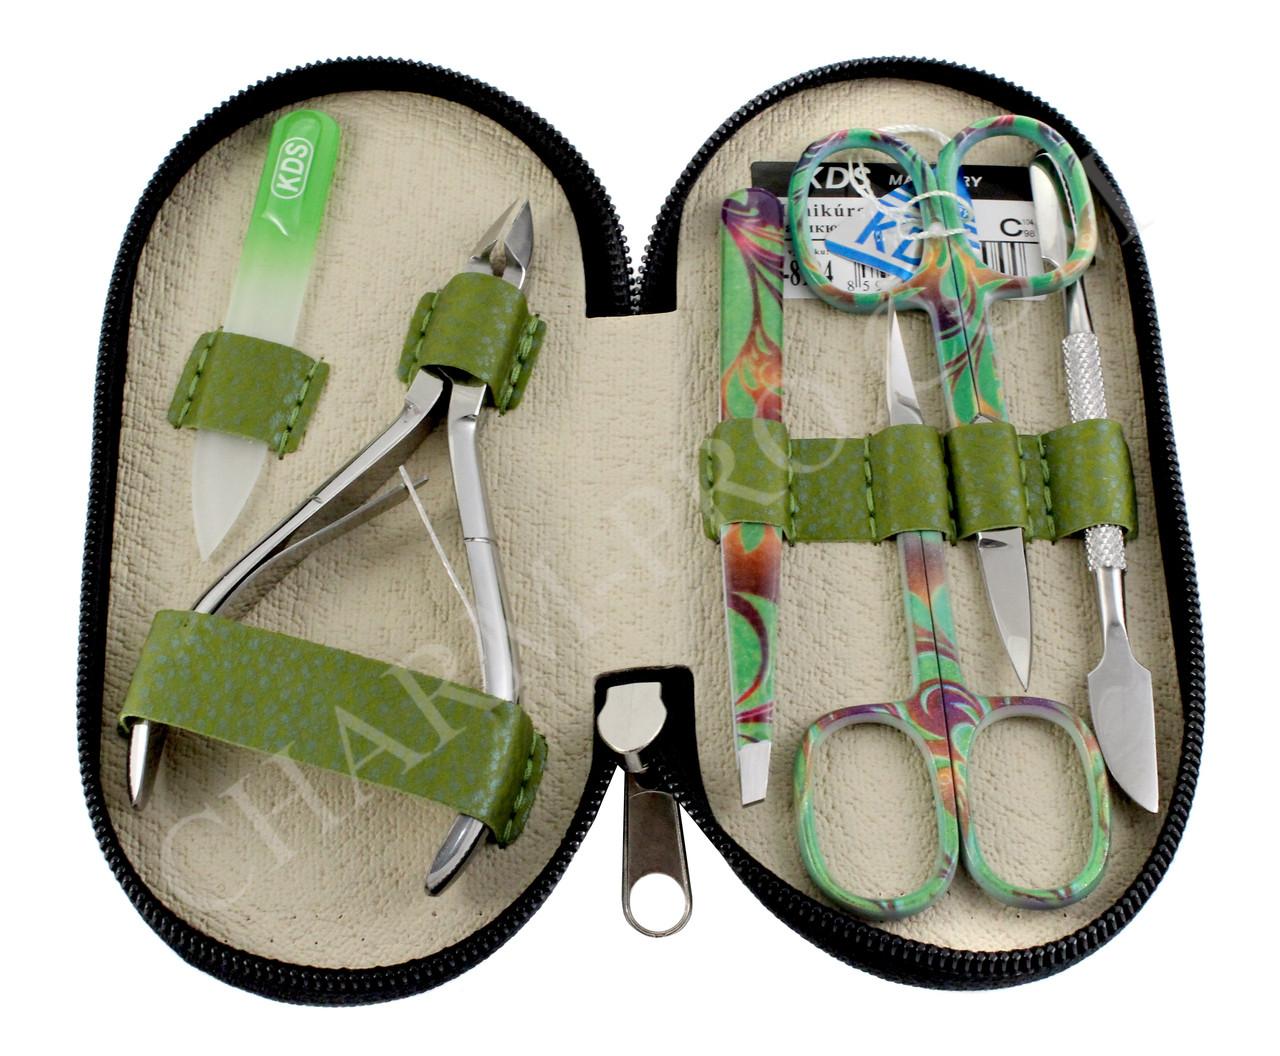 Маникюрный набор инструментов KDS 04-8104 (Темно-зеленый)